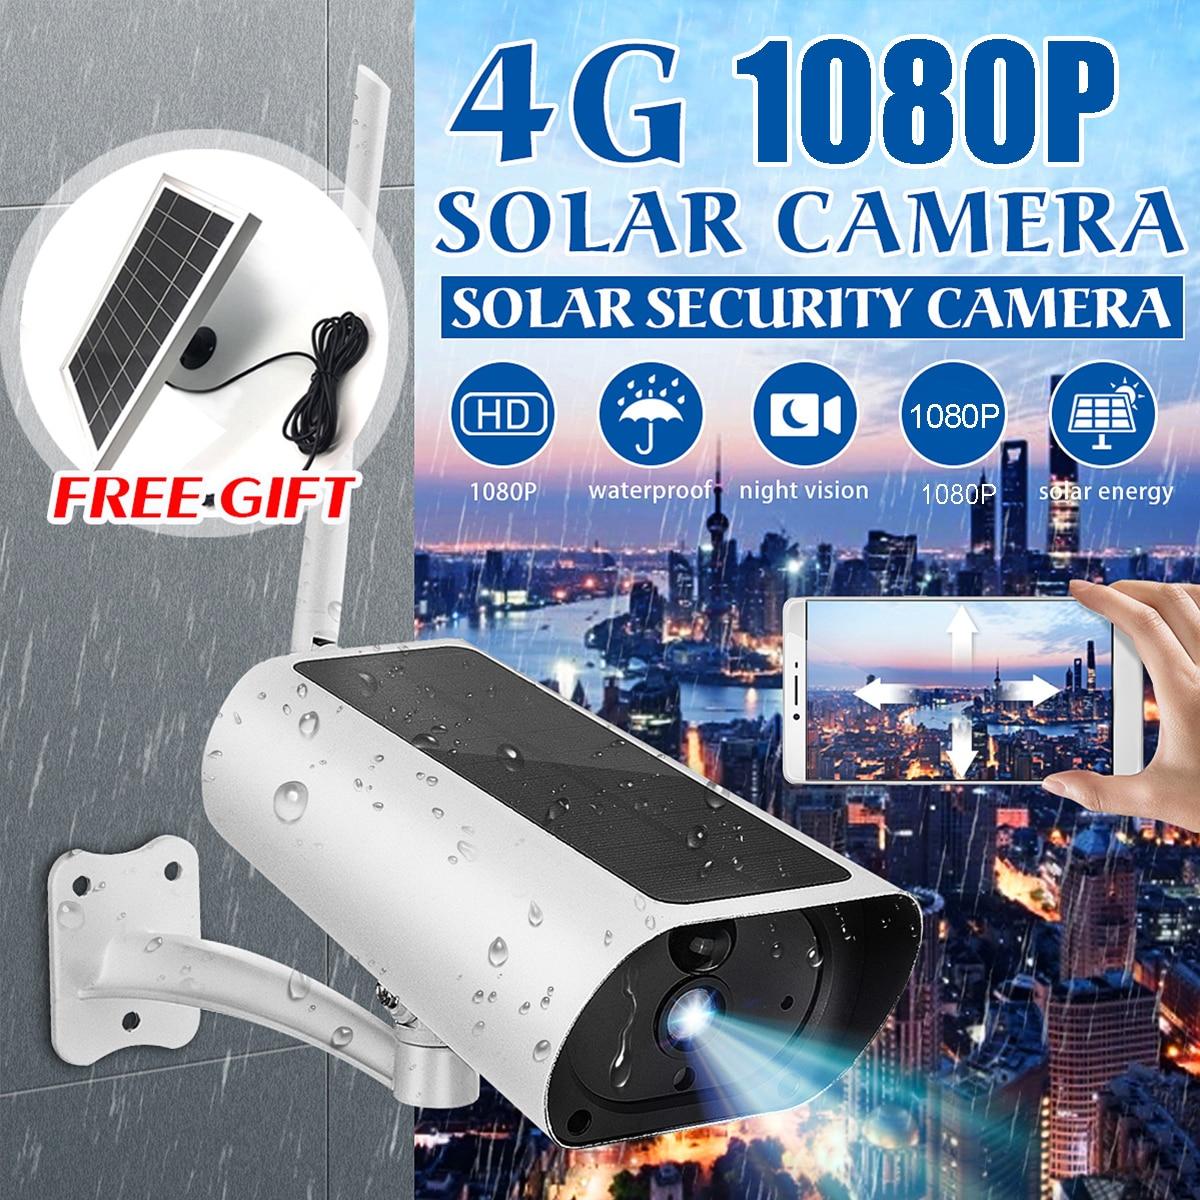 Étanche 4G solaire IP caméra 1080P sans fil sécurité Surveillance CCTV caméra Webcams PIR détection de mouvement mur extérieur